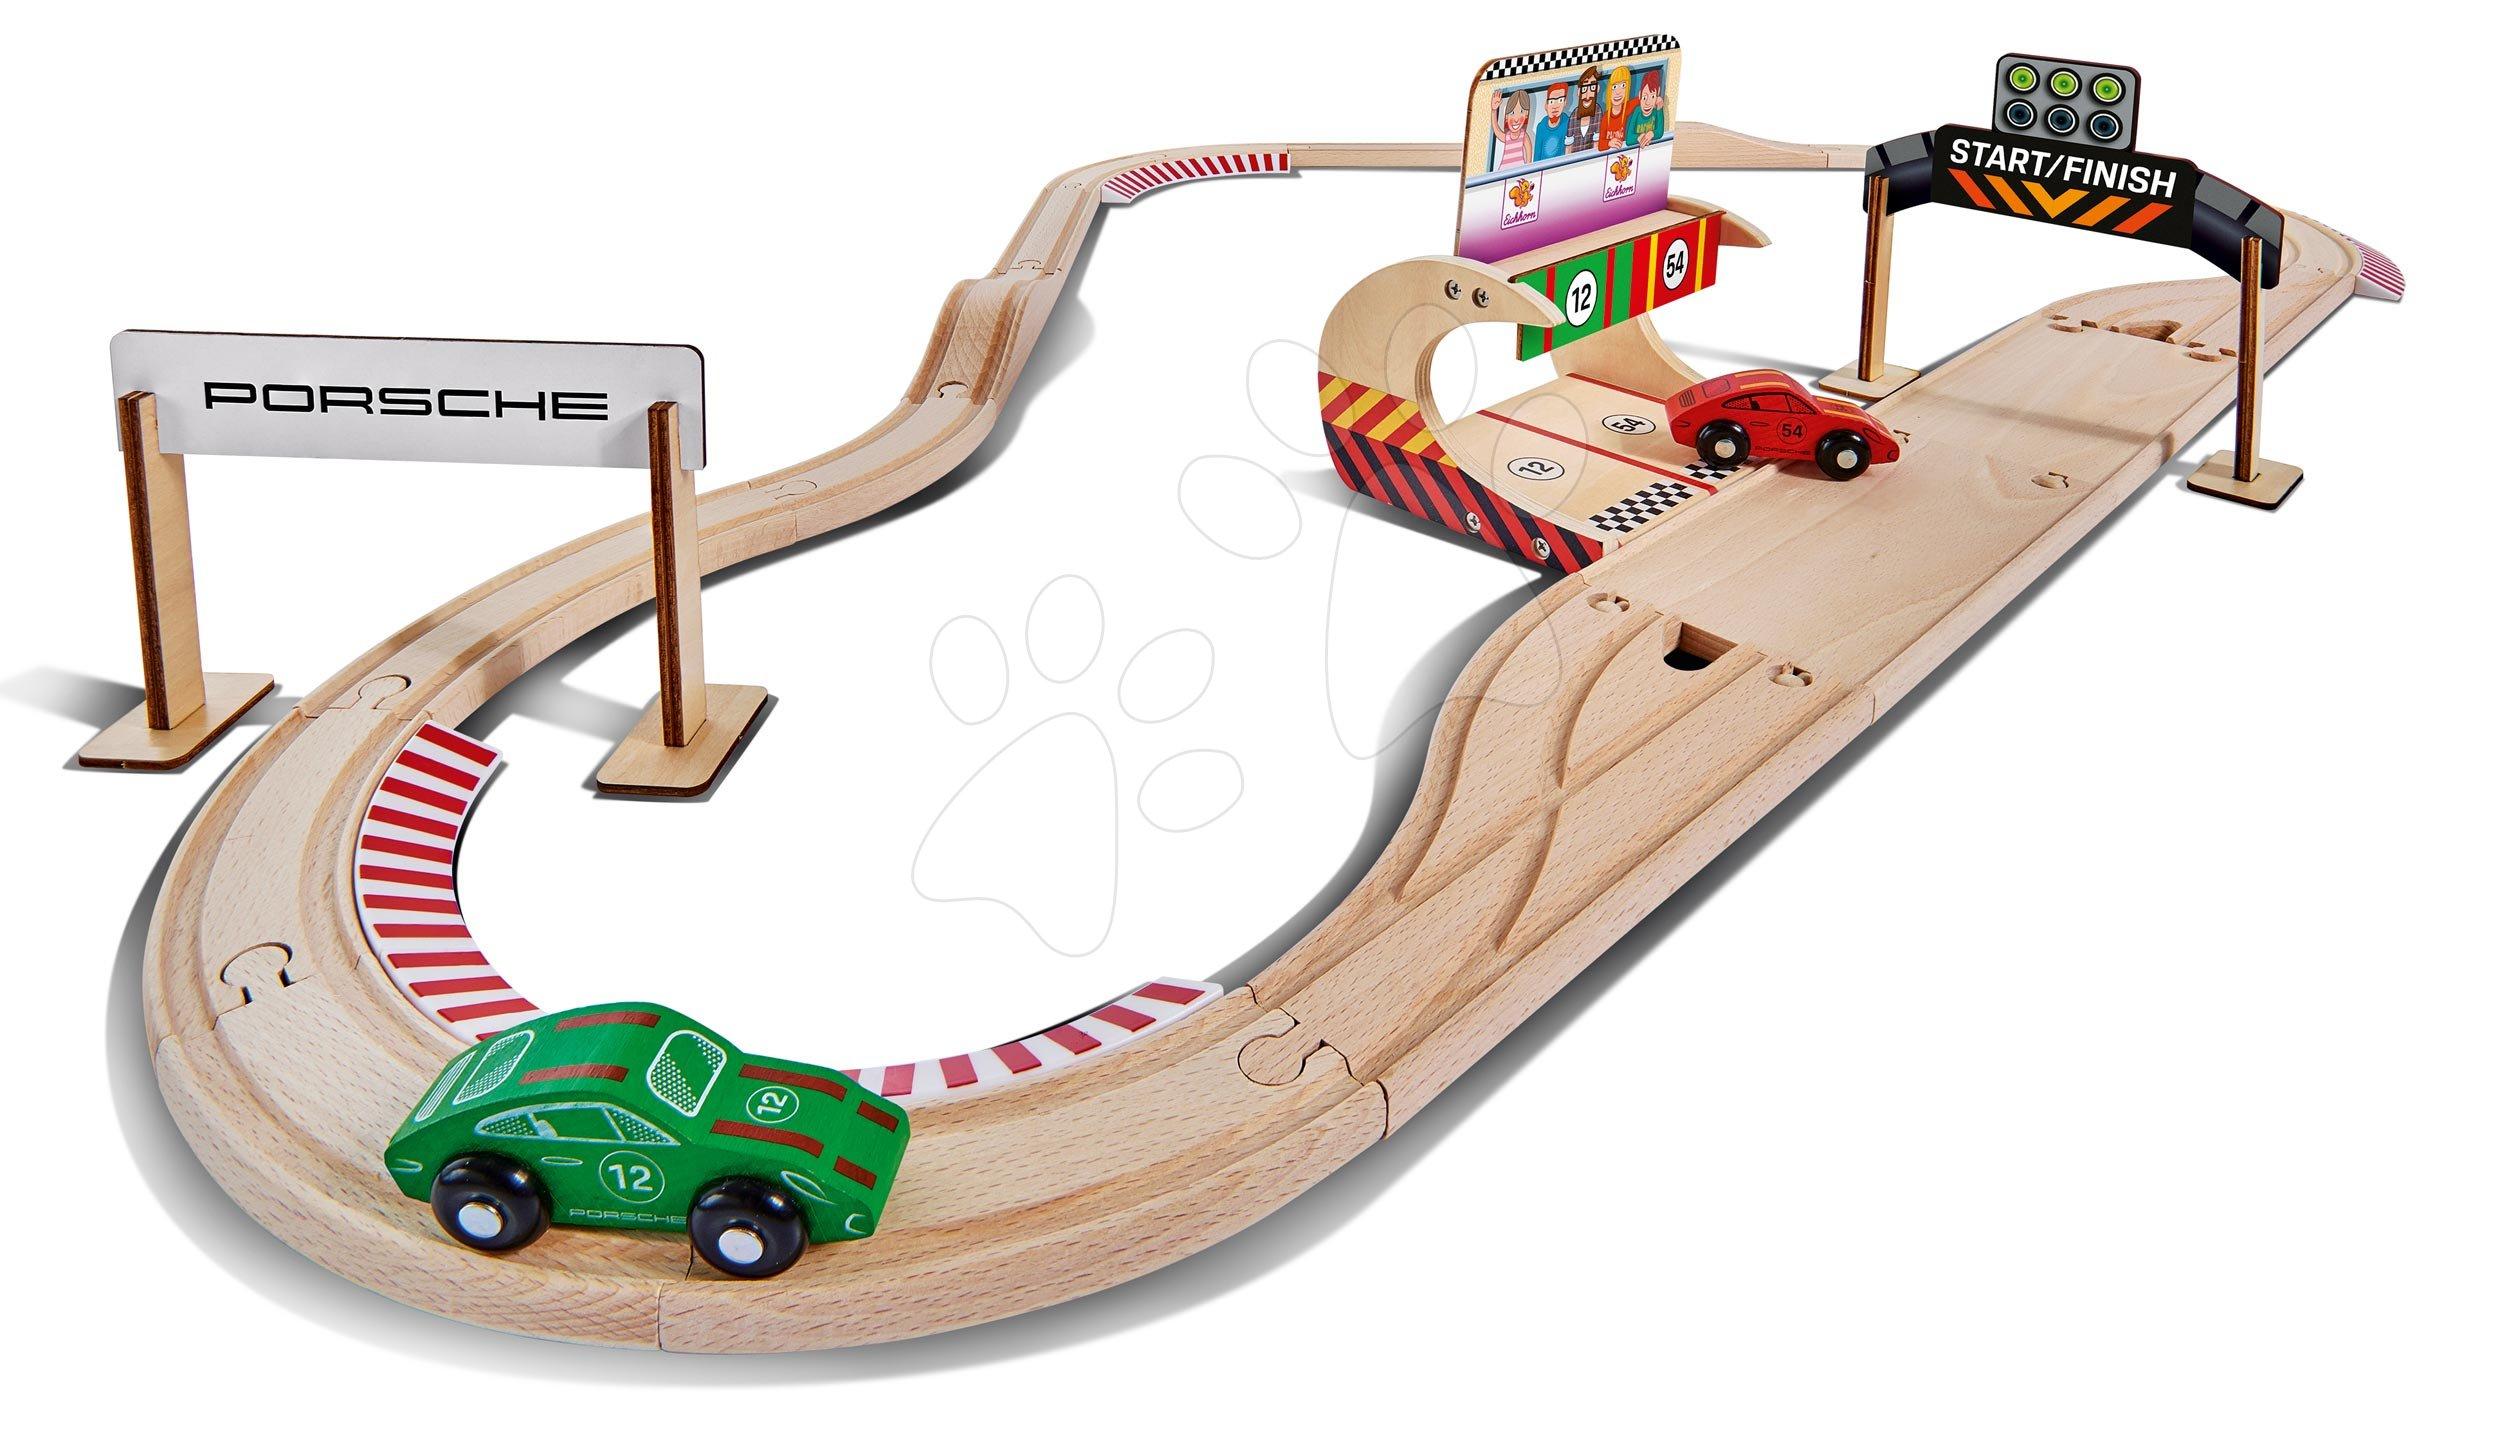 Fa autópálya Porsche Racing Set Eichhorn pit stoppal  és 2 versenyautóval 350 cm hosszú 31 darabos